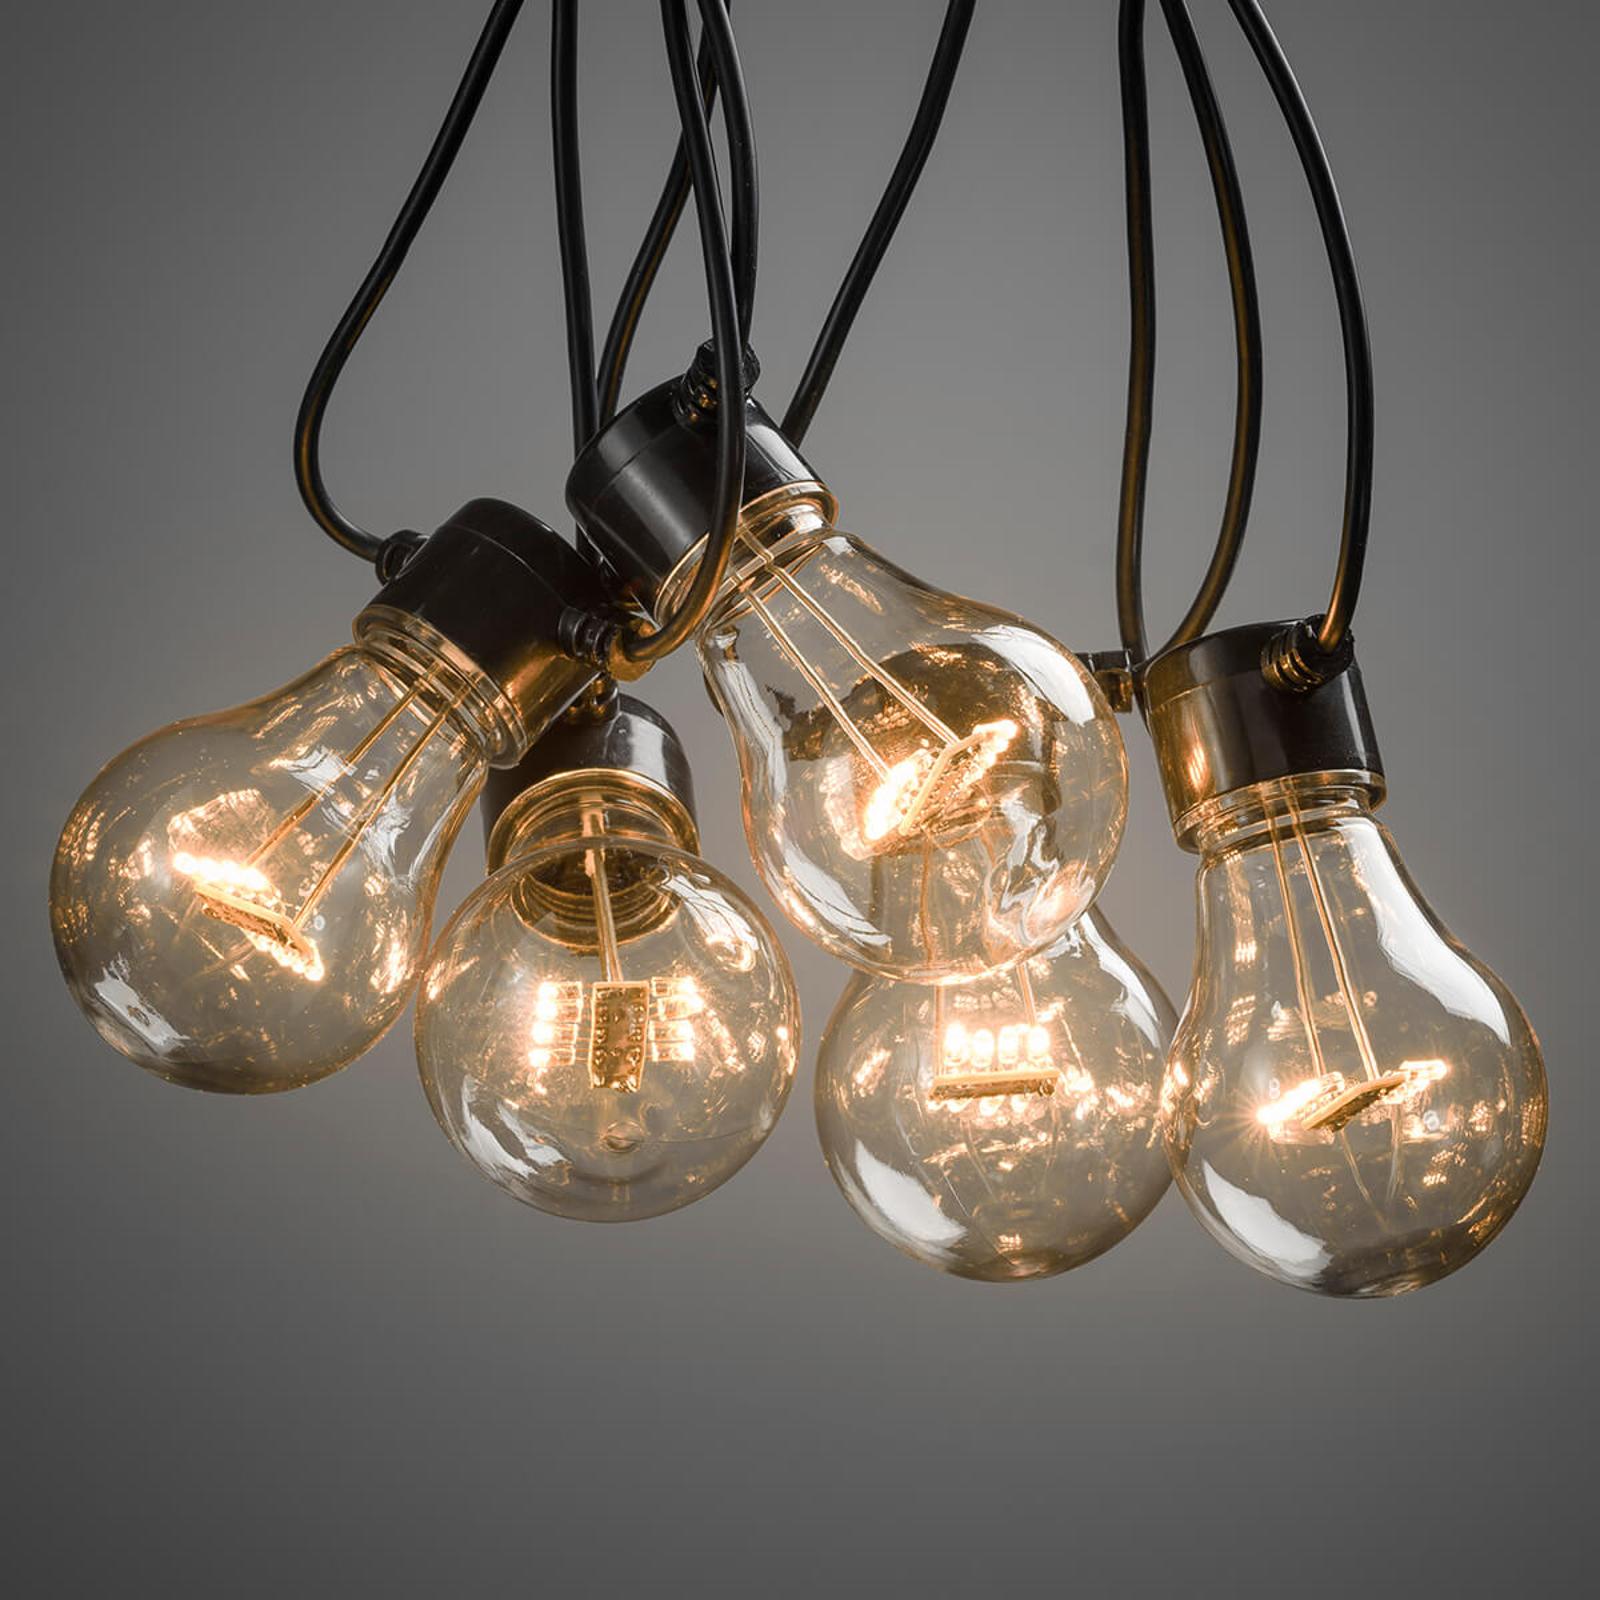 10-pkt. łańcuch świetlny LED Ogródek piwny